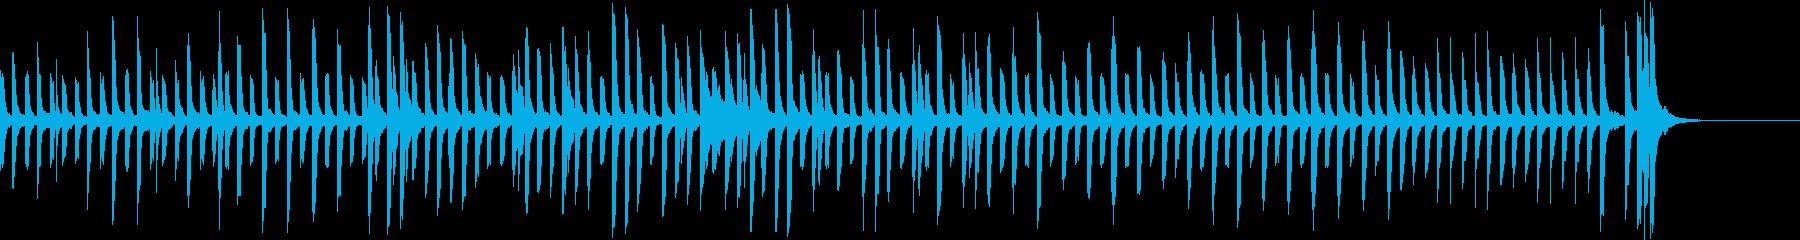 かわいくてヘンテコなピアノソロの再生済みの波形